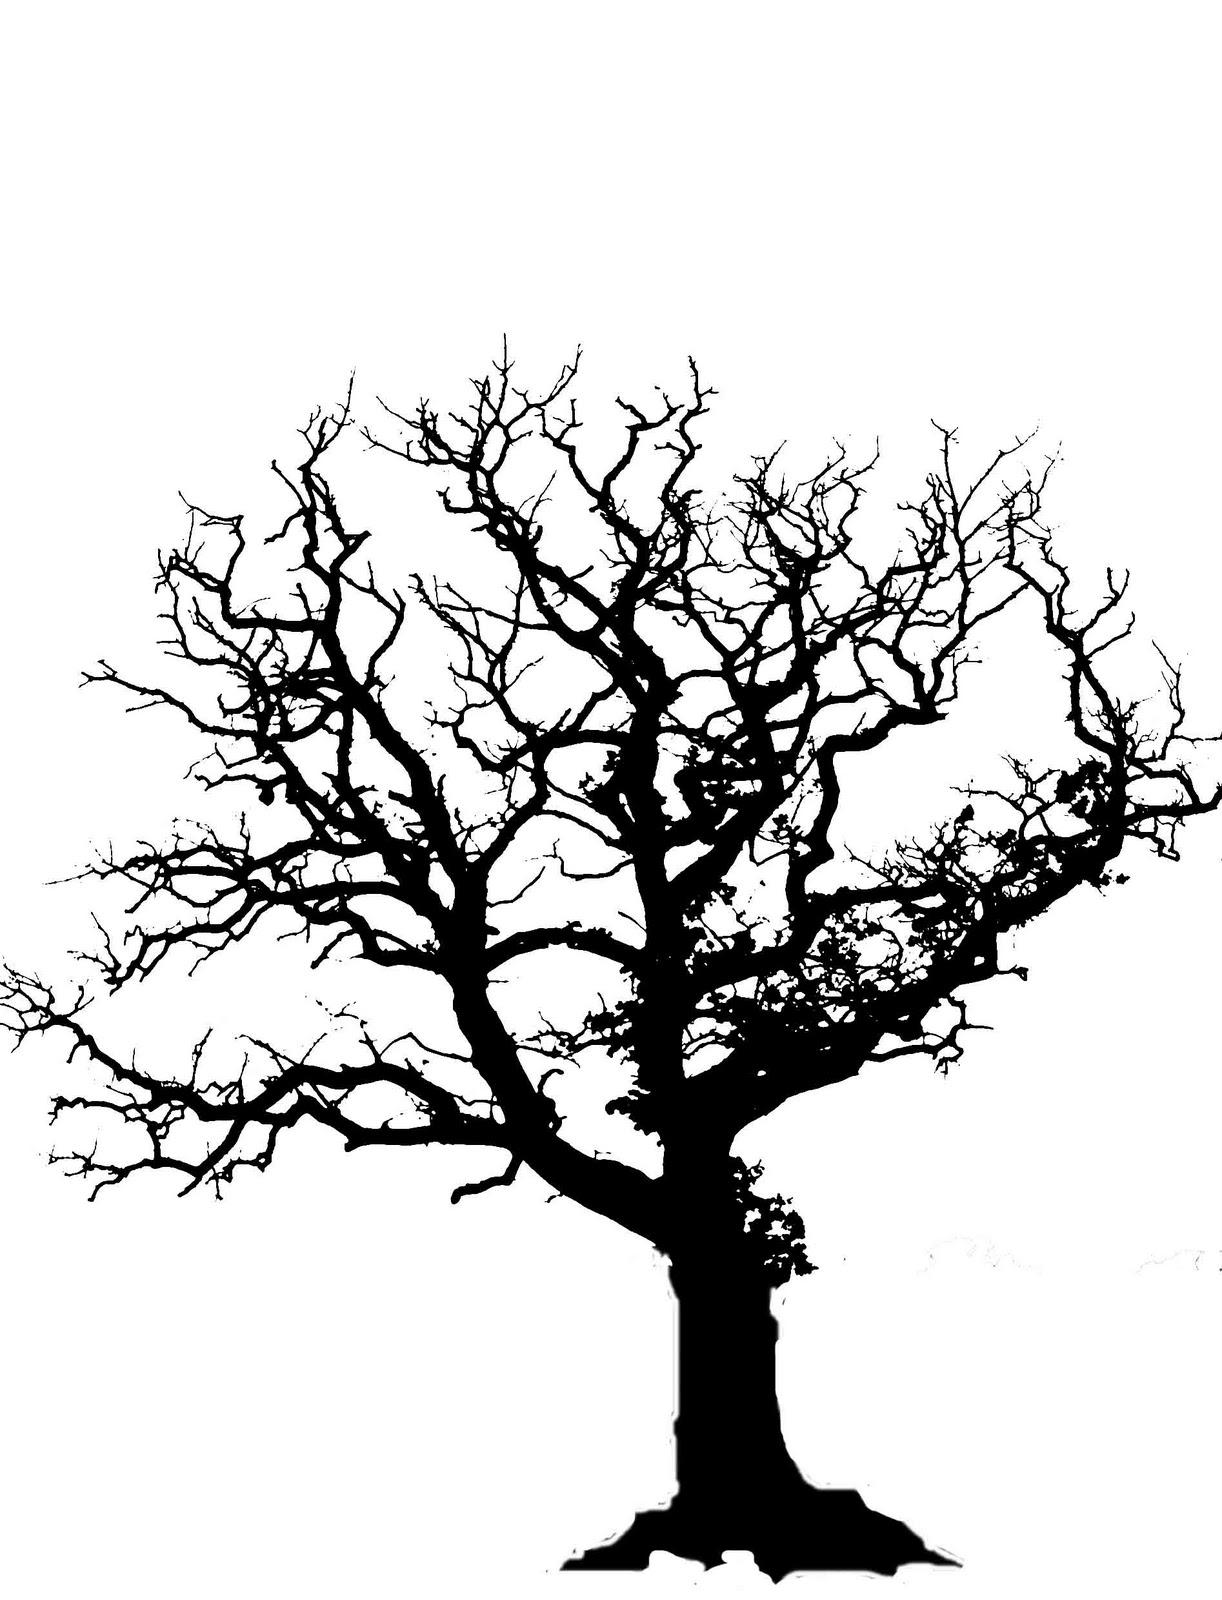 Tree reference photo oak tree in winter